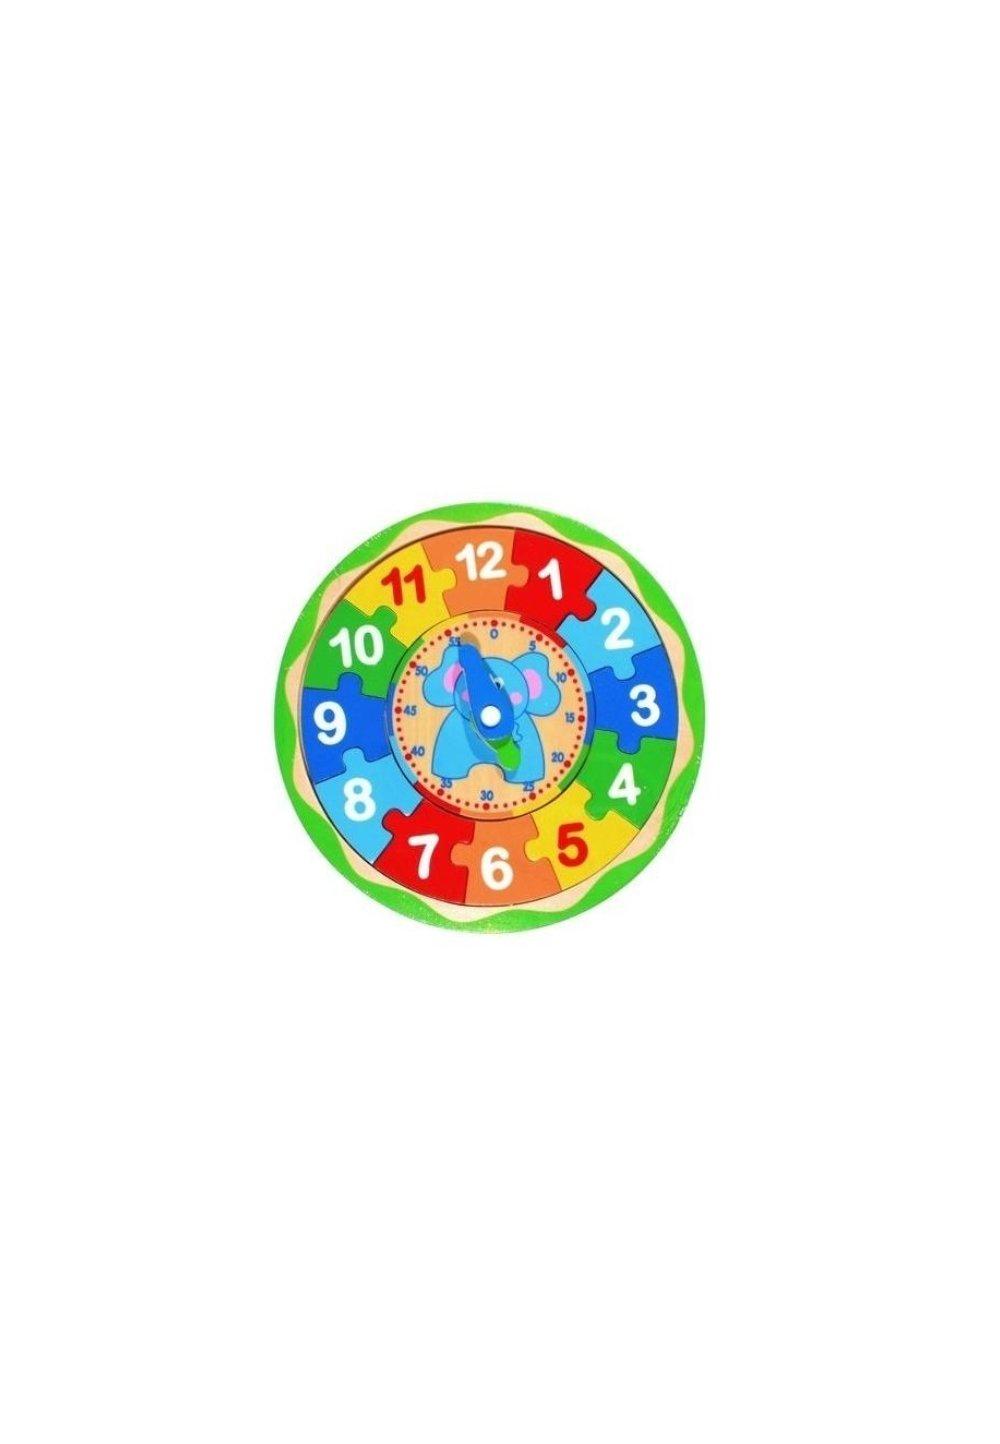 Jucarie educativa, ceas